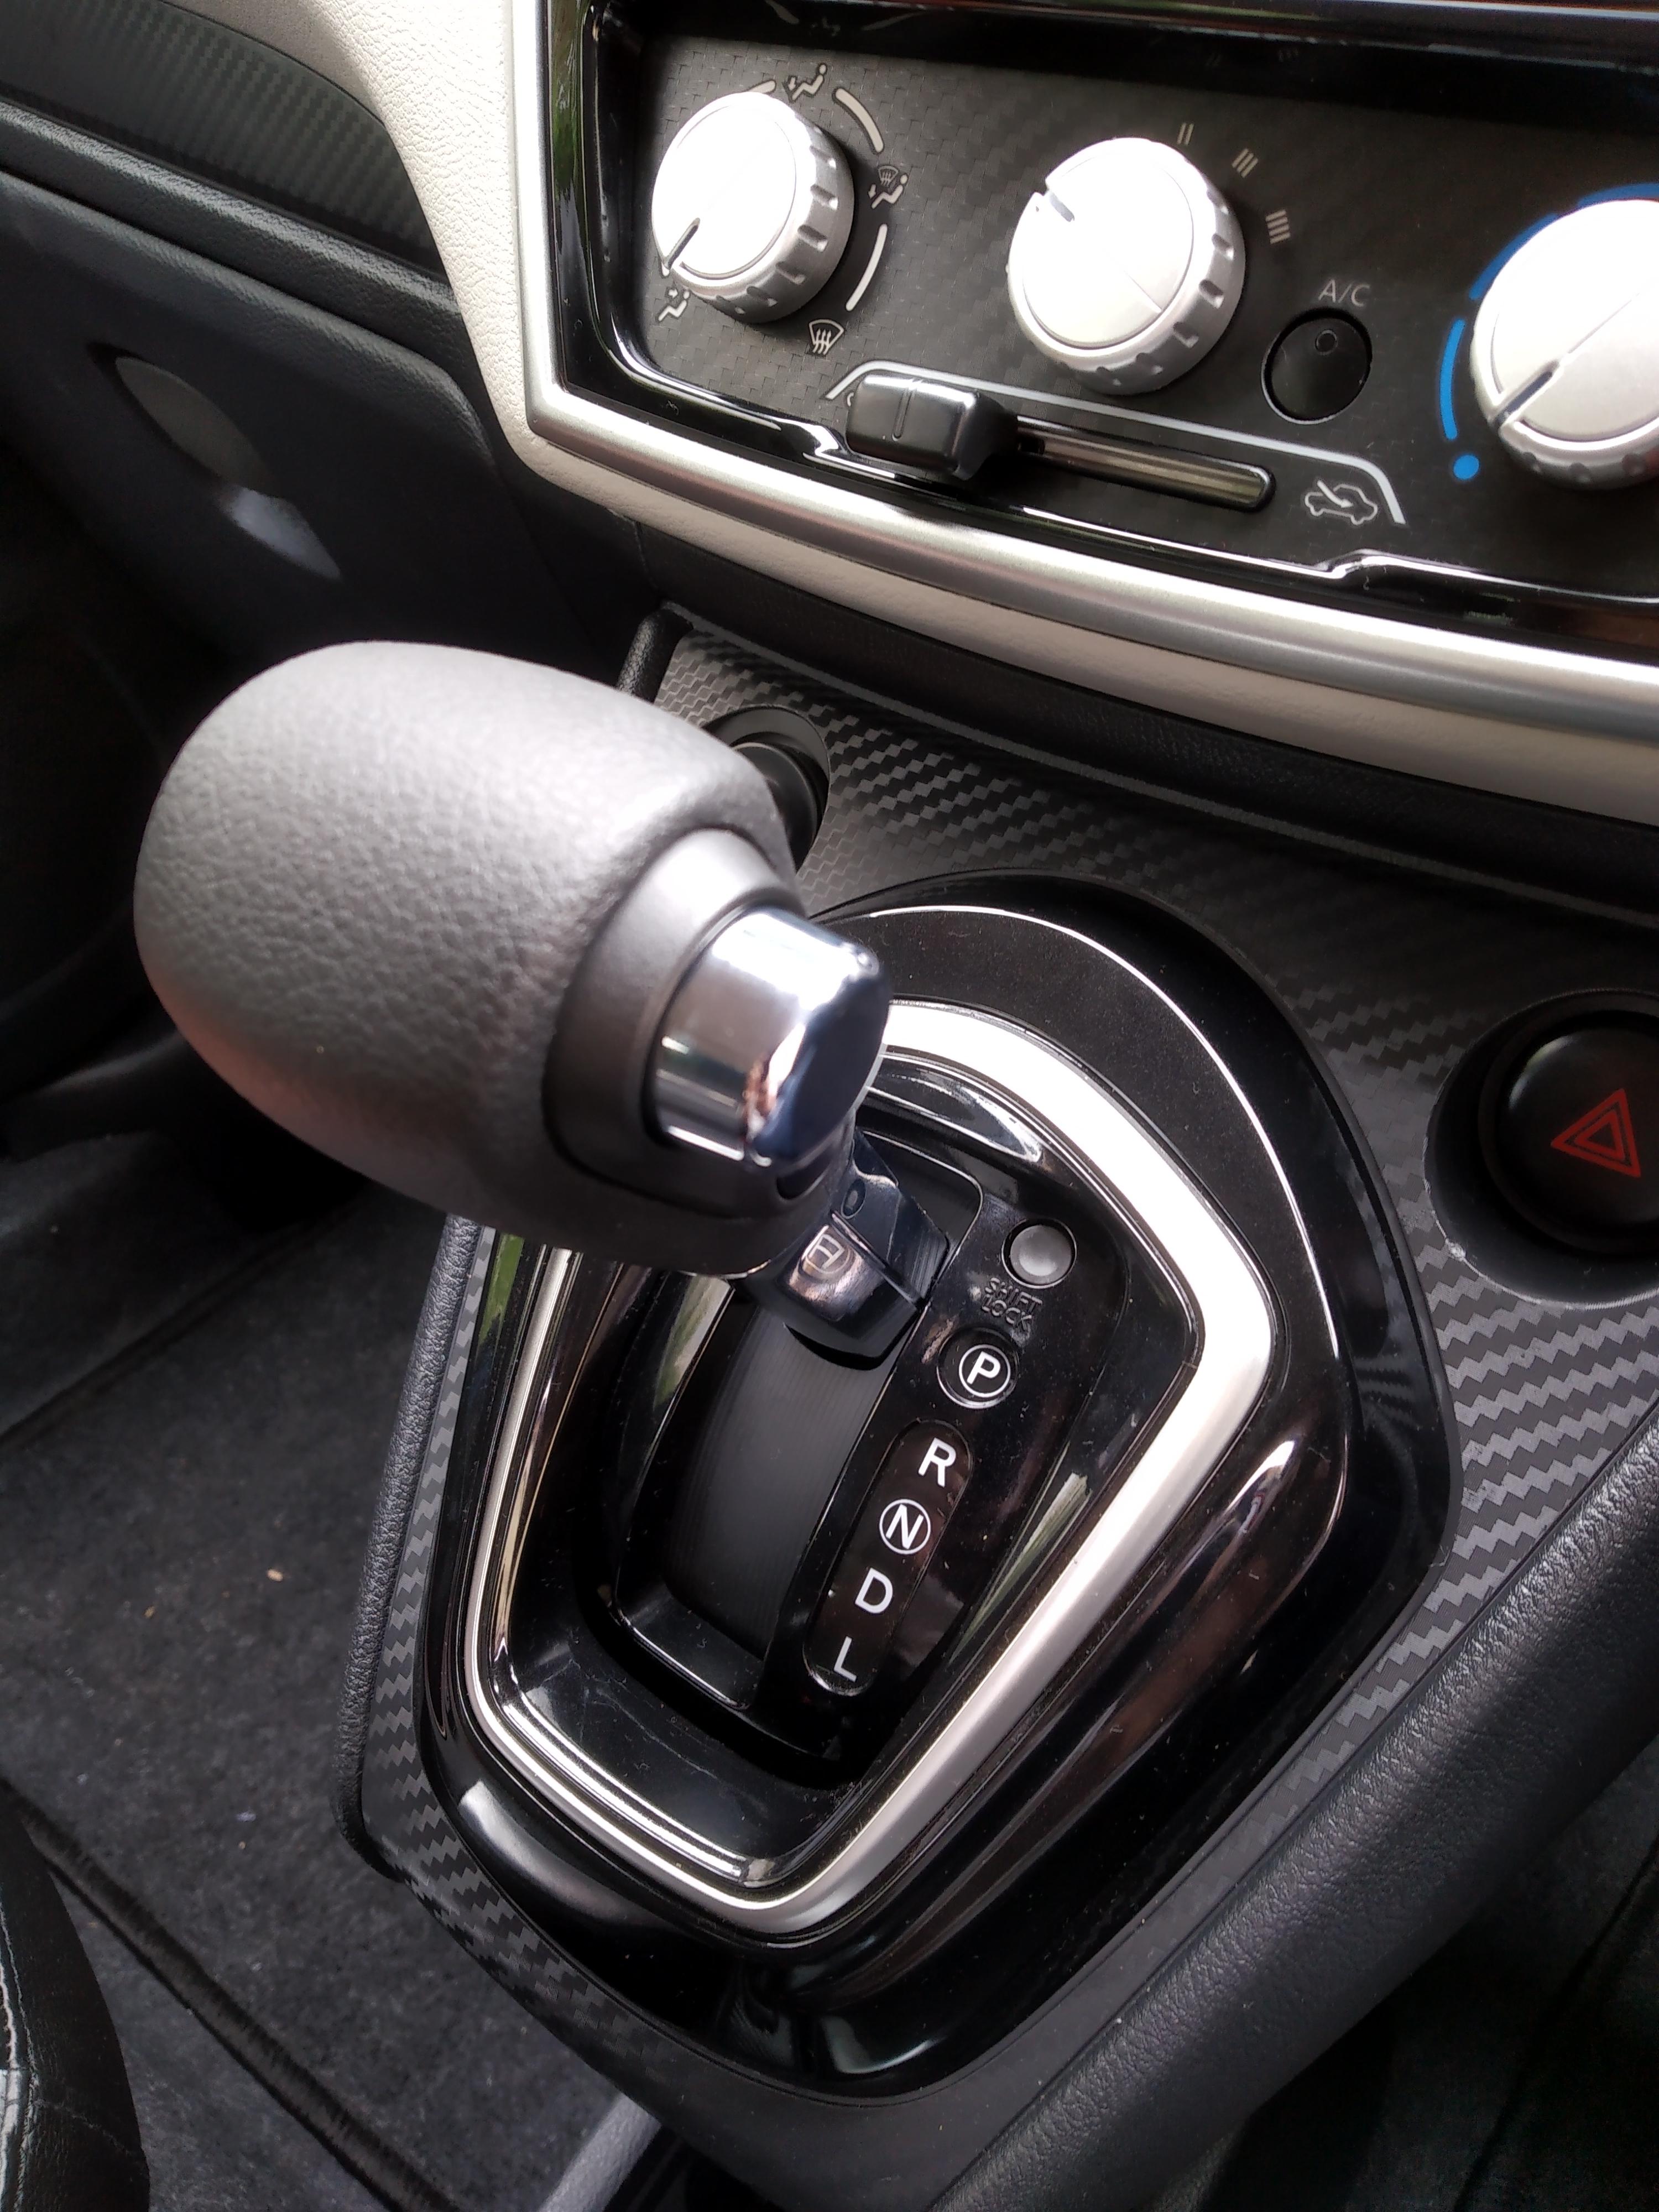 interior image of Datsun Go/G+